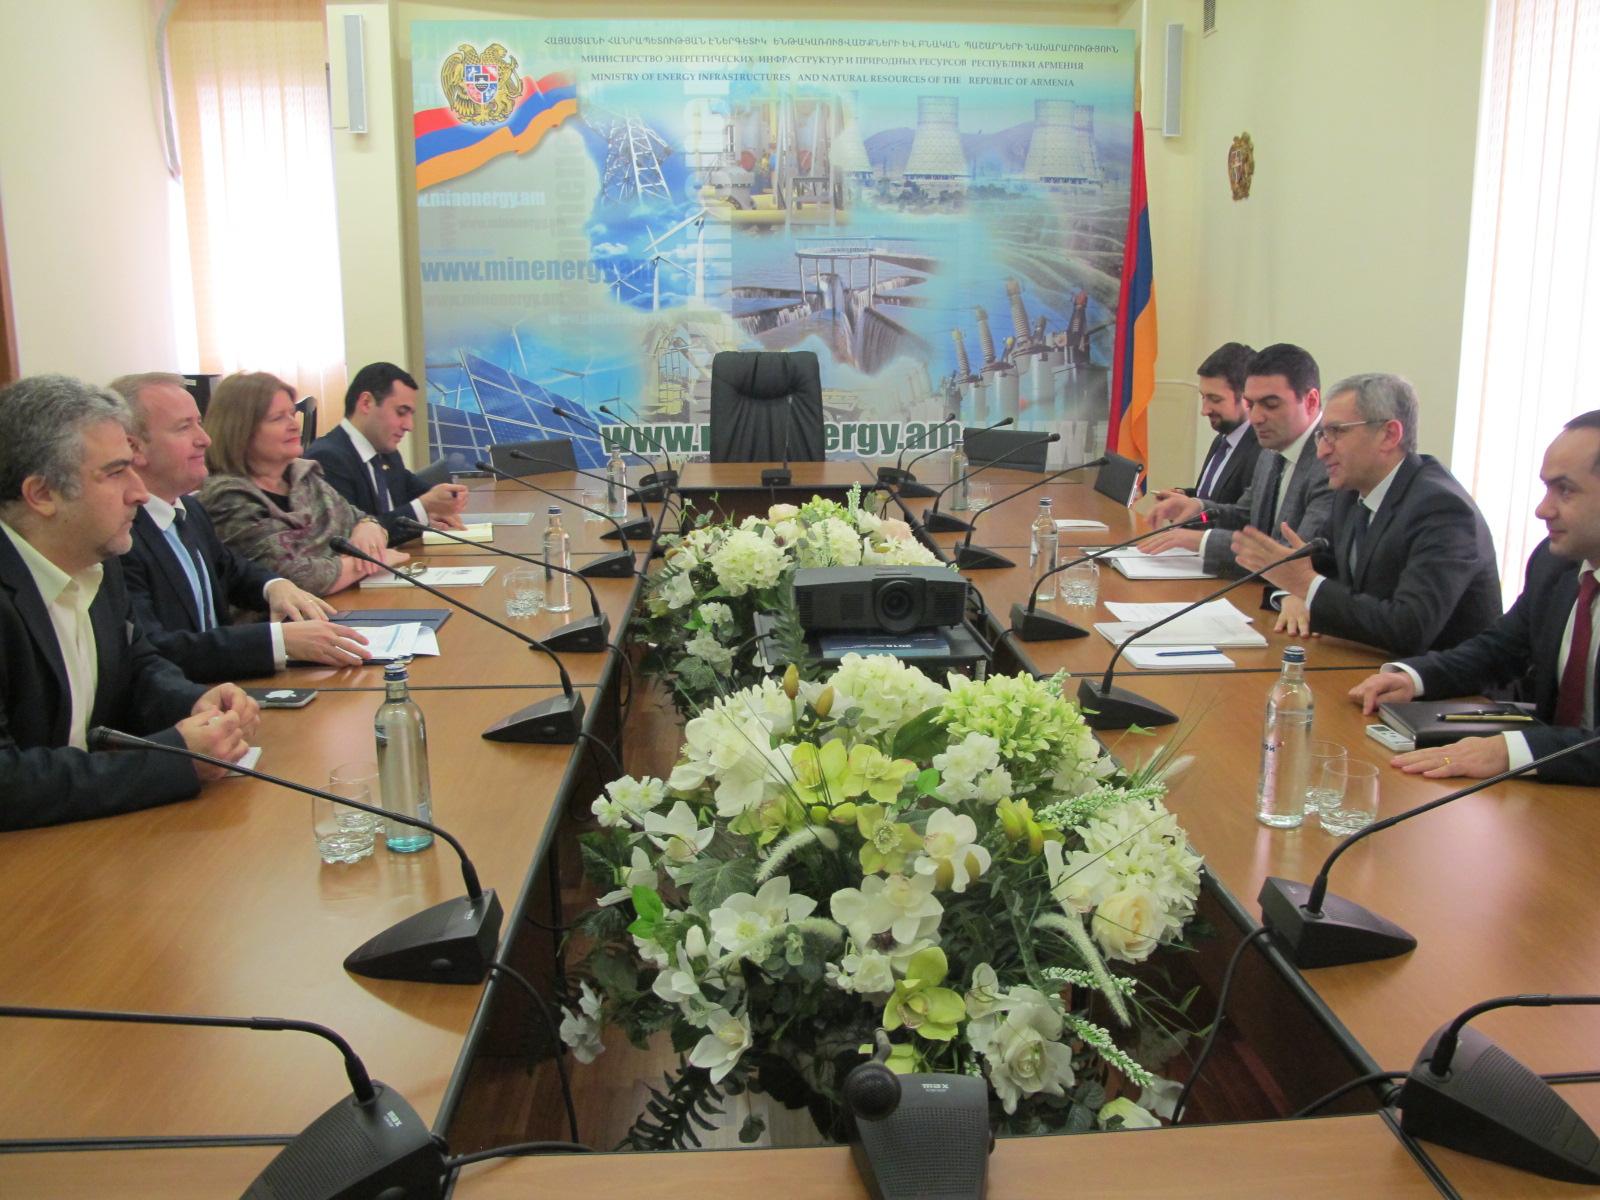 Министр энергетики Армении обсудил вопросы сотрудничества с британским комиссаром